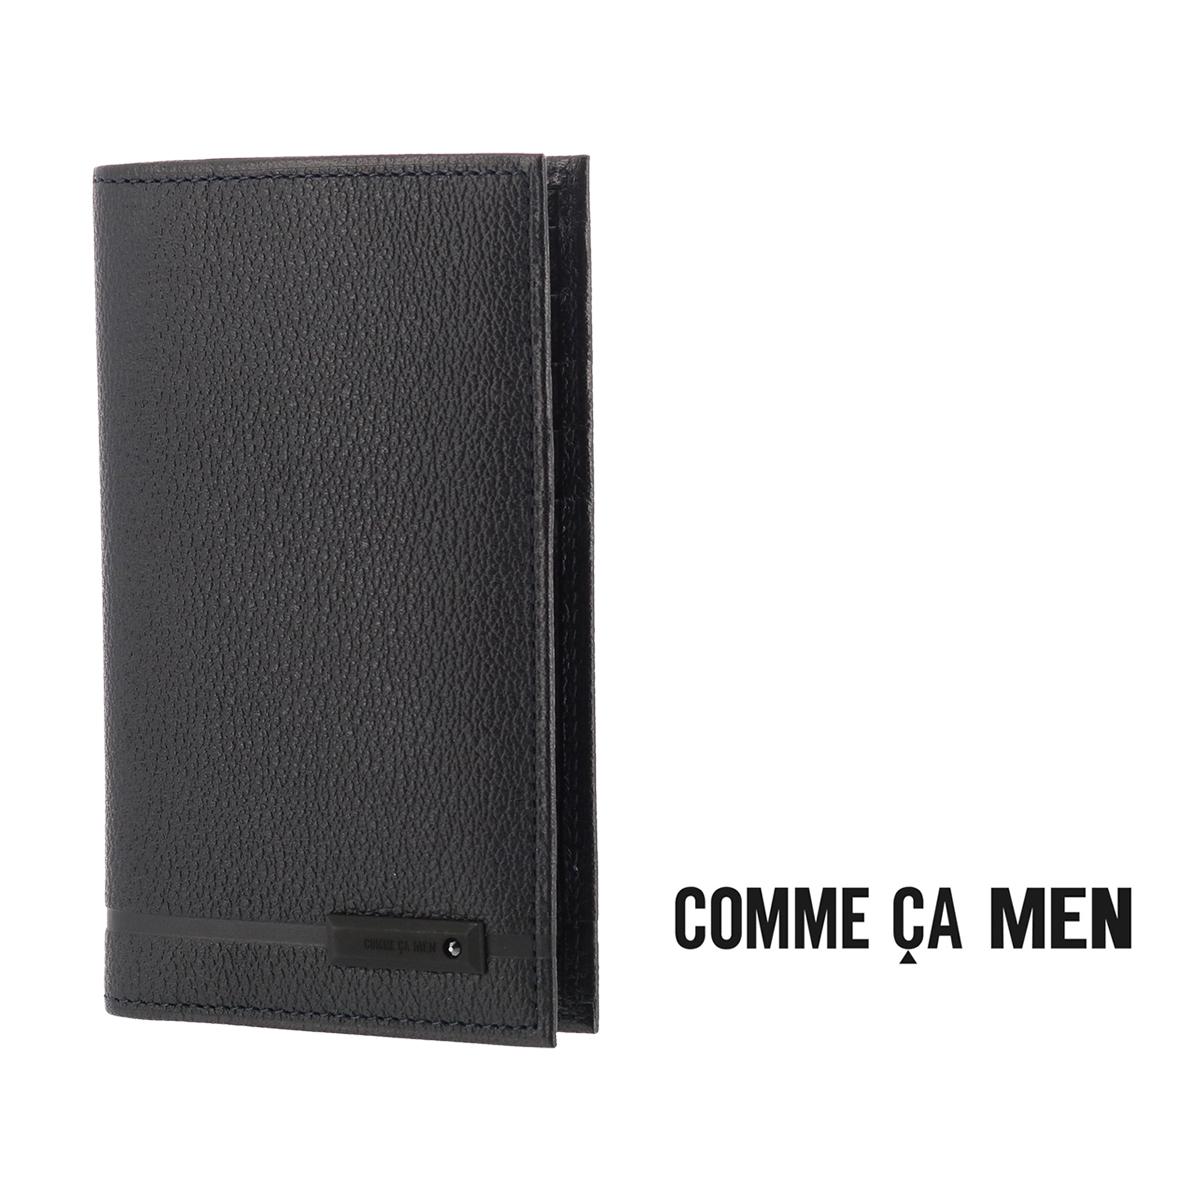 コムサメン カードケース Ombre オンブル 5675   COMME CA MEN 牛革 本革 レザー メンズ【PO5】